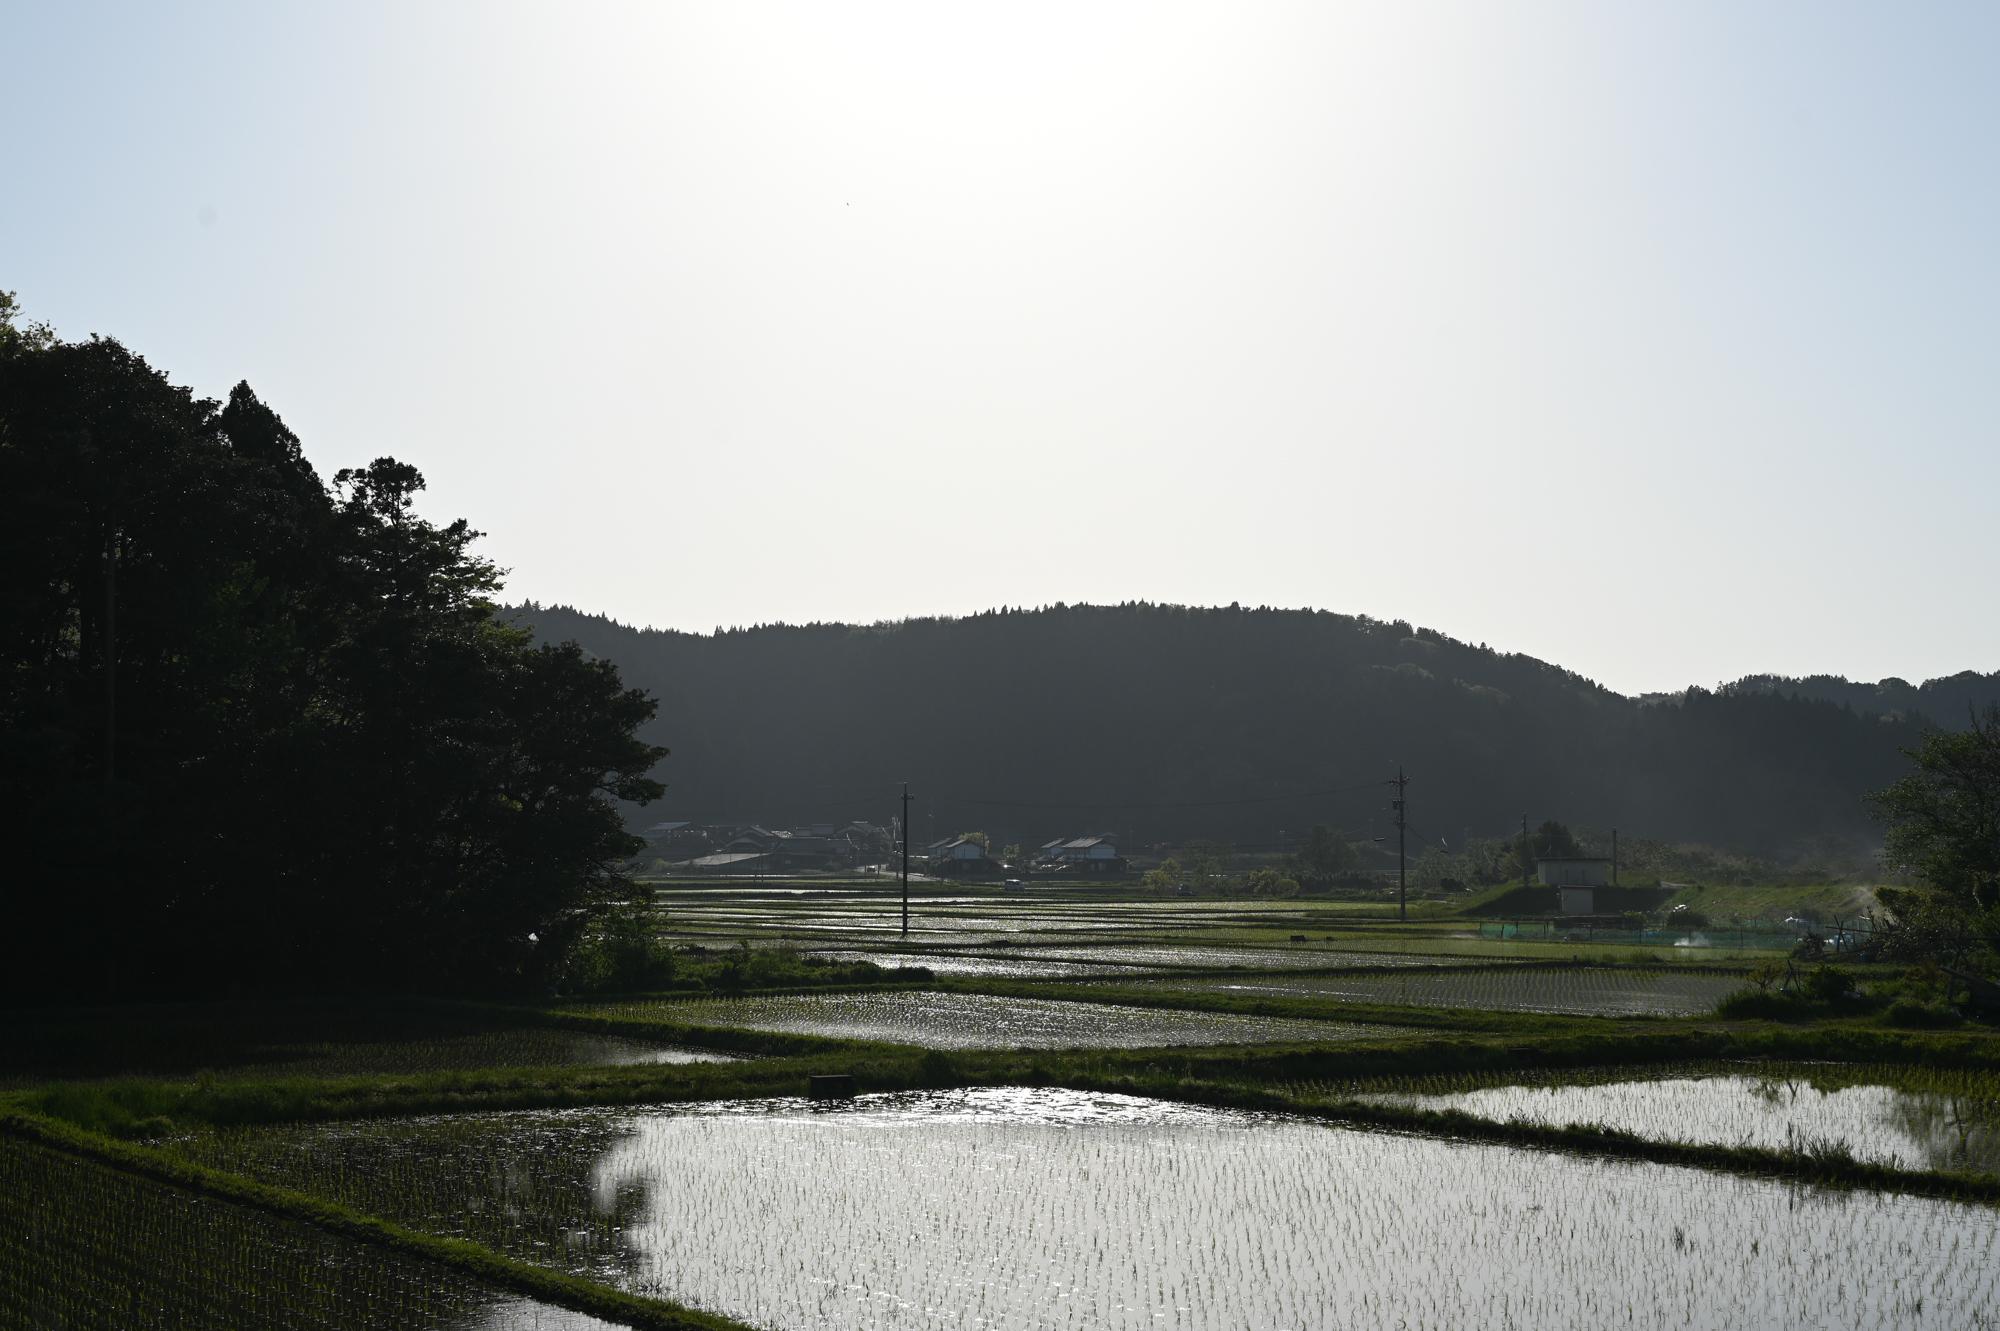 f:id:asanokawa:20200511191125j:plain